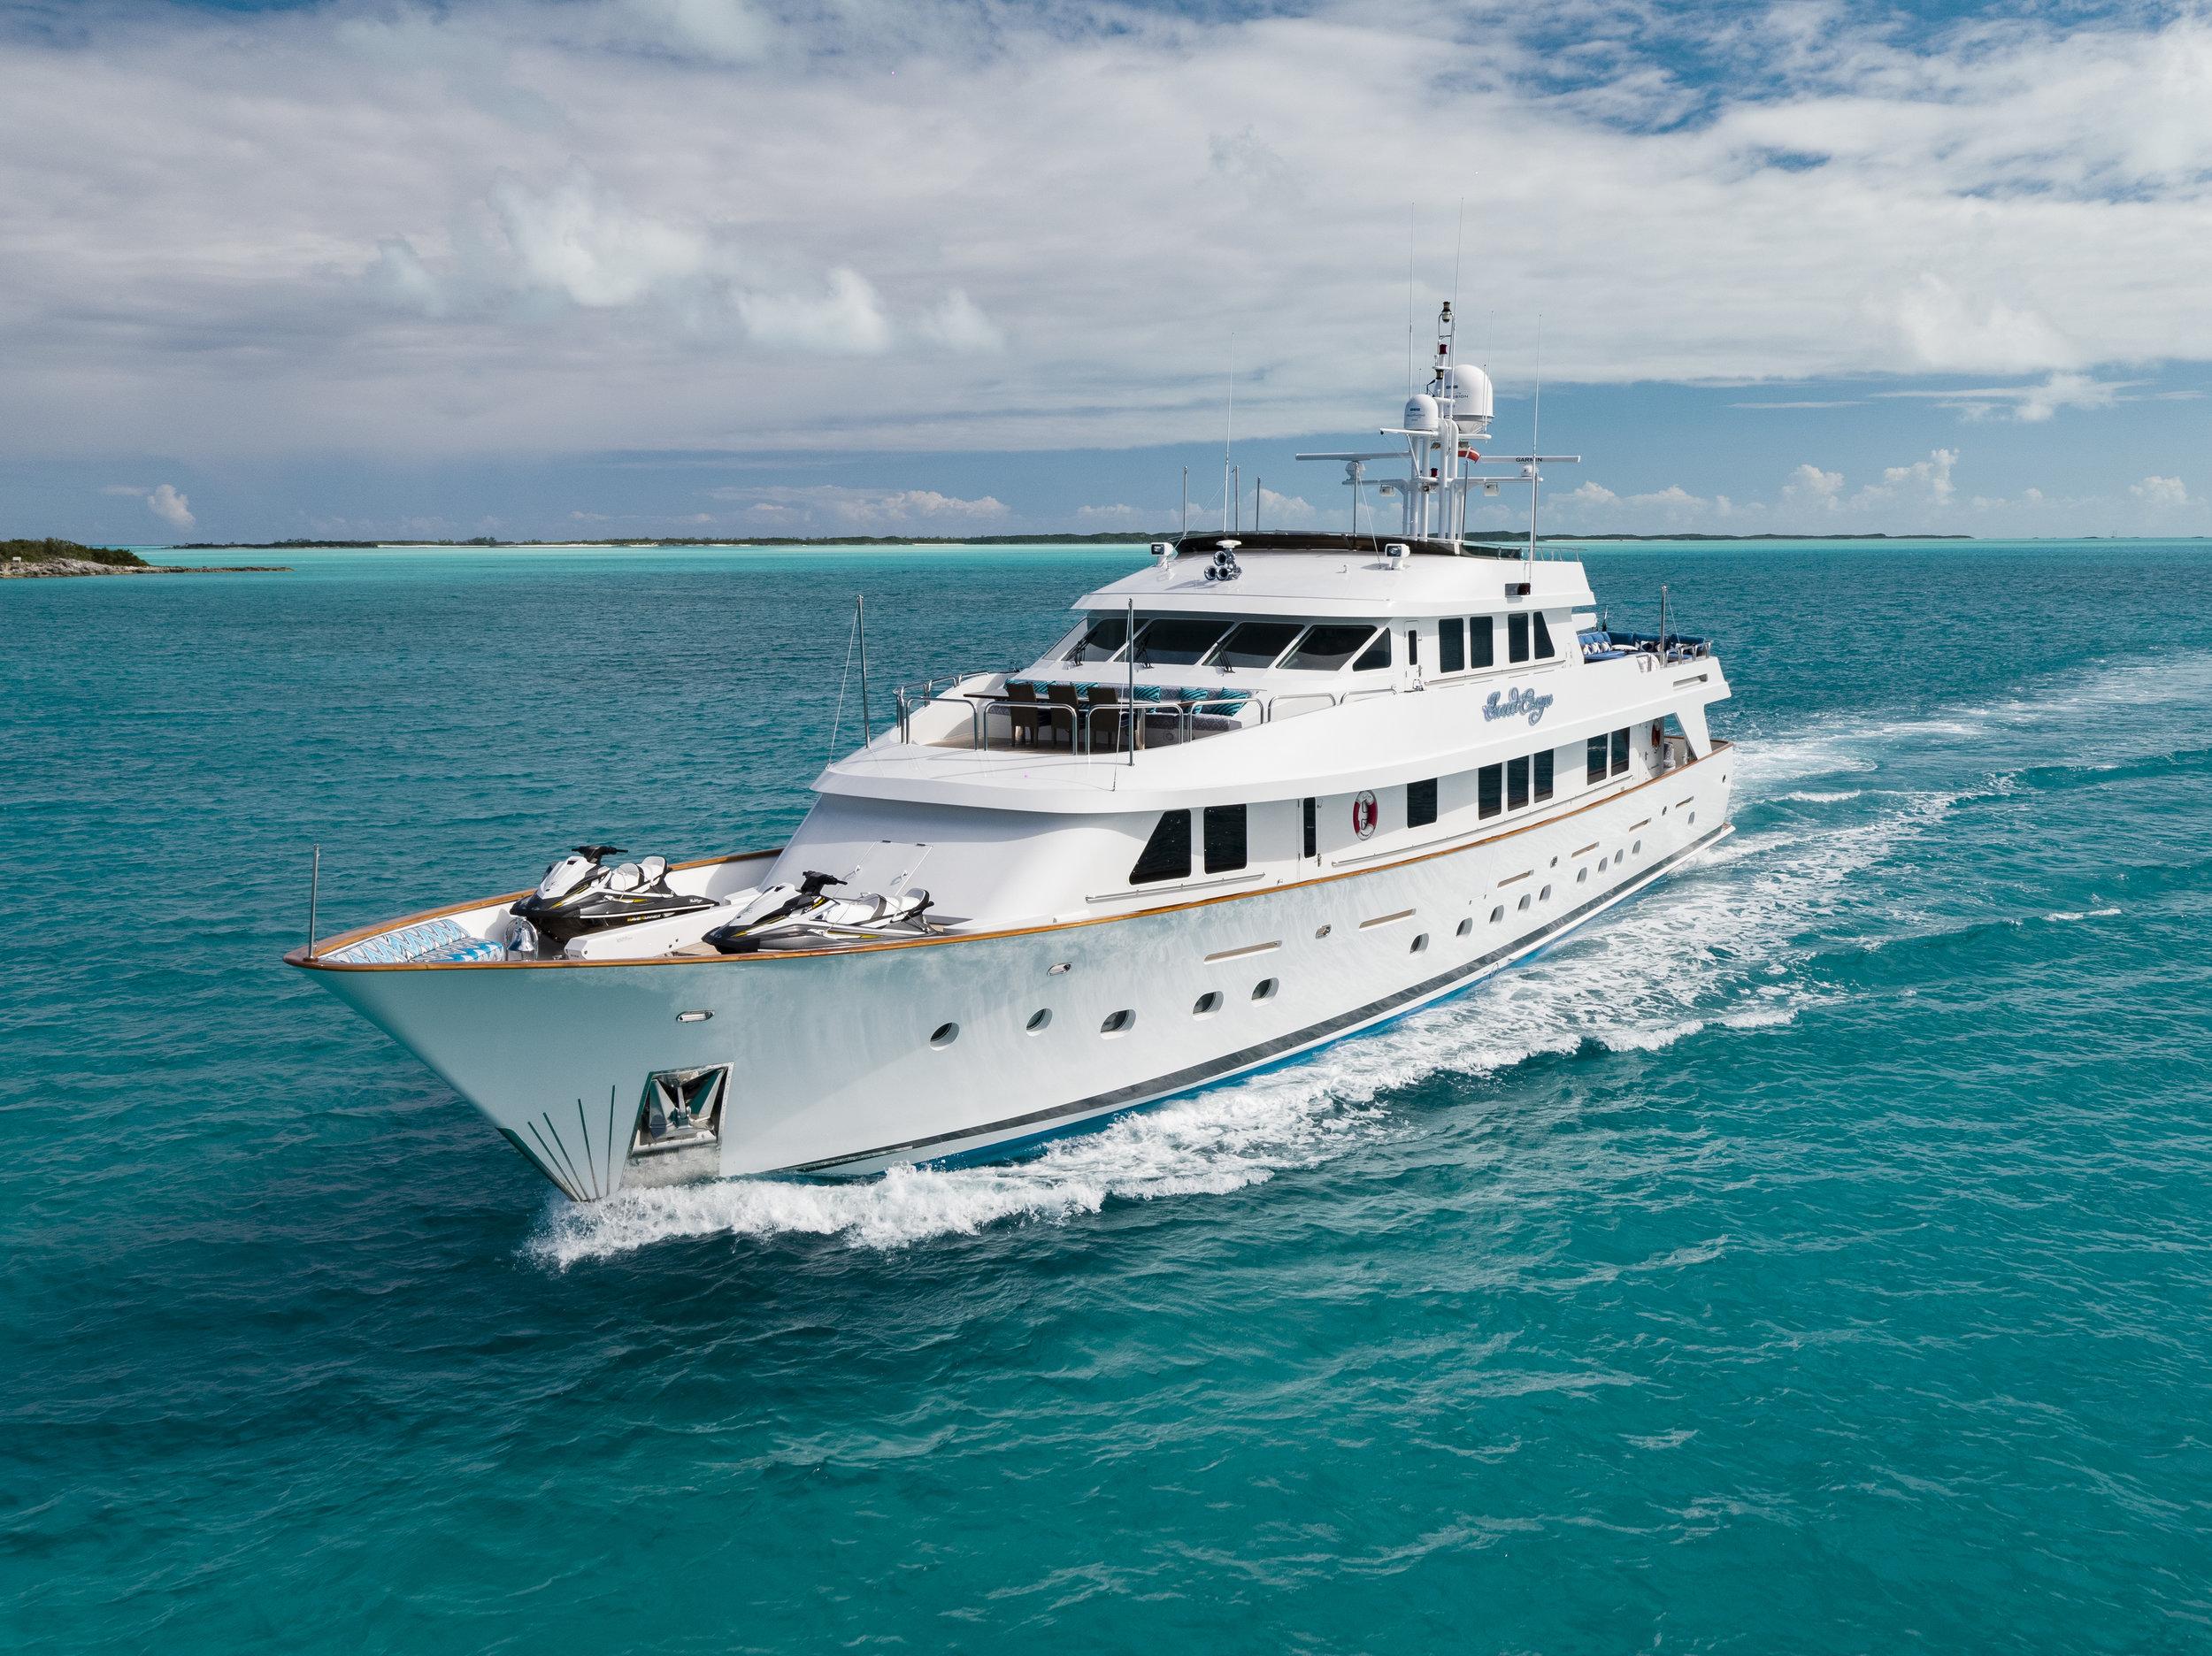 yacht-sweet-escape-charter-refit